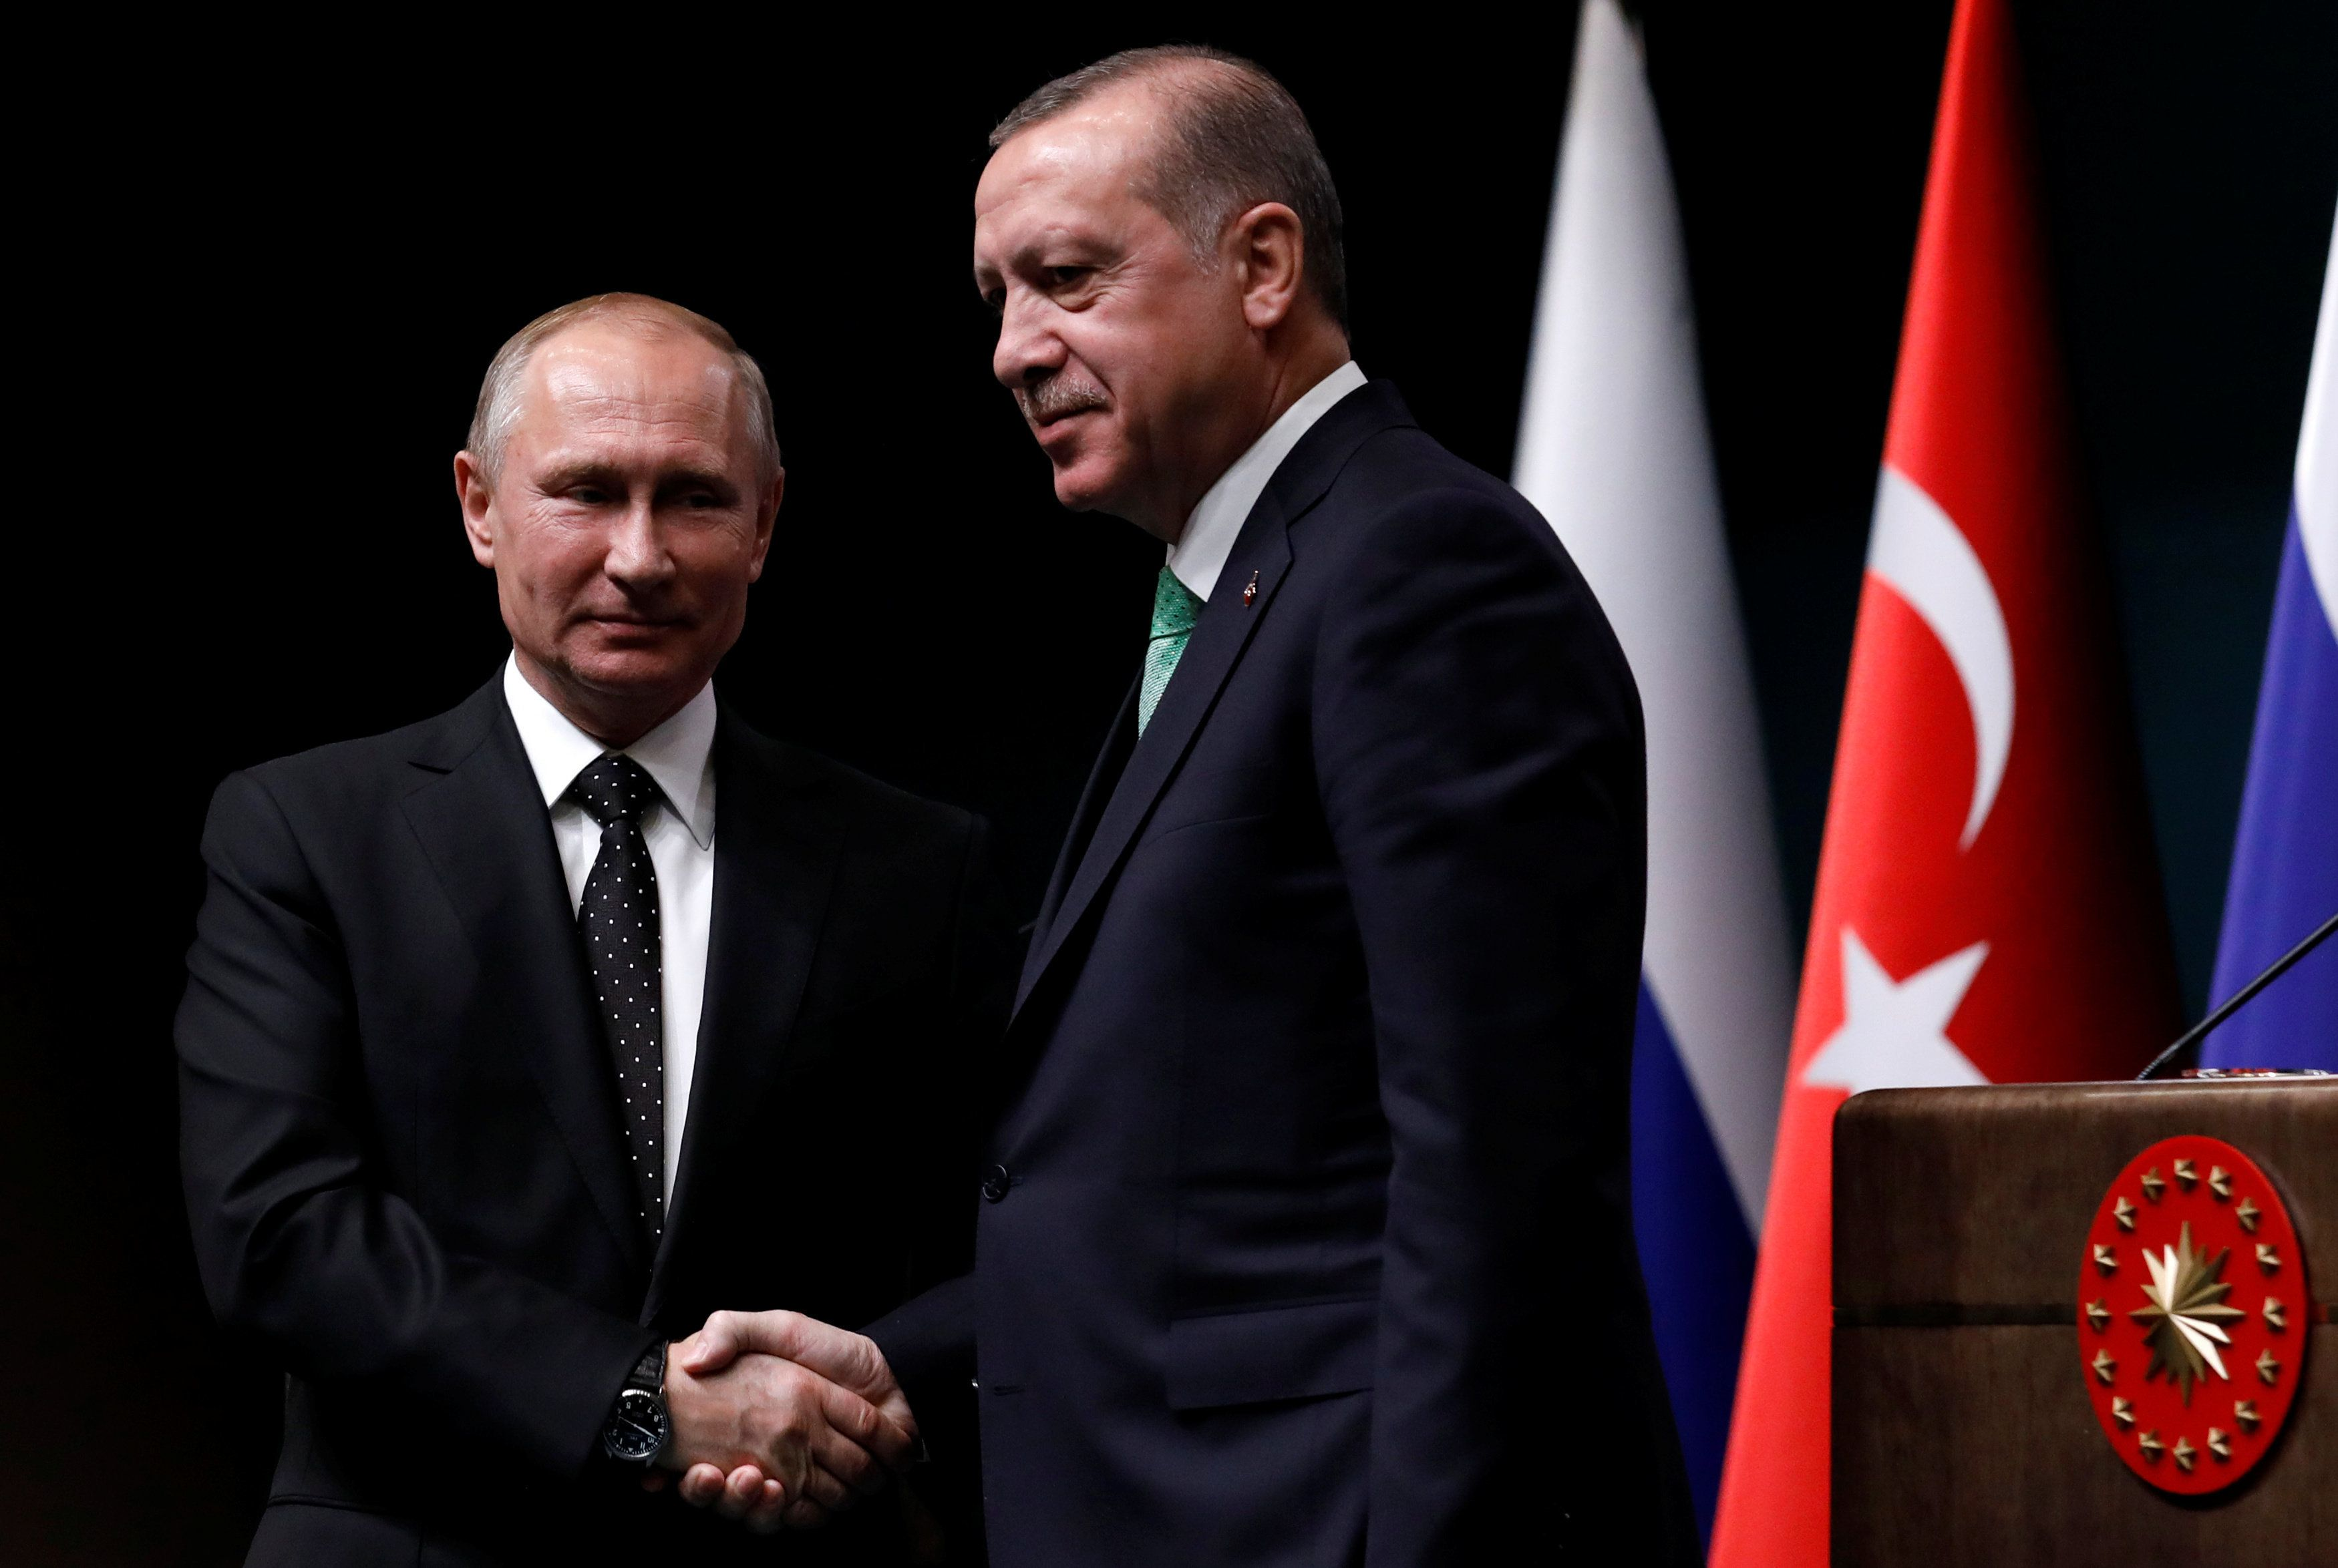 Το θέμα της τουρκικής προκλητικότητας δεσμεύεται να θέσει ο Πούτιν στον